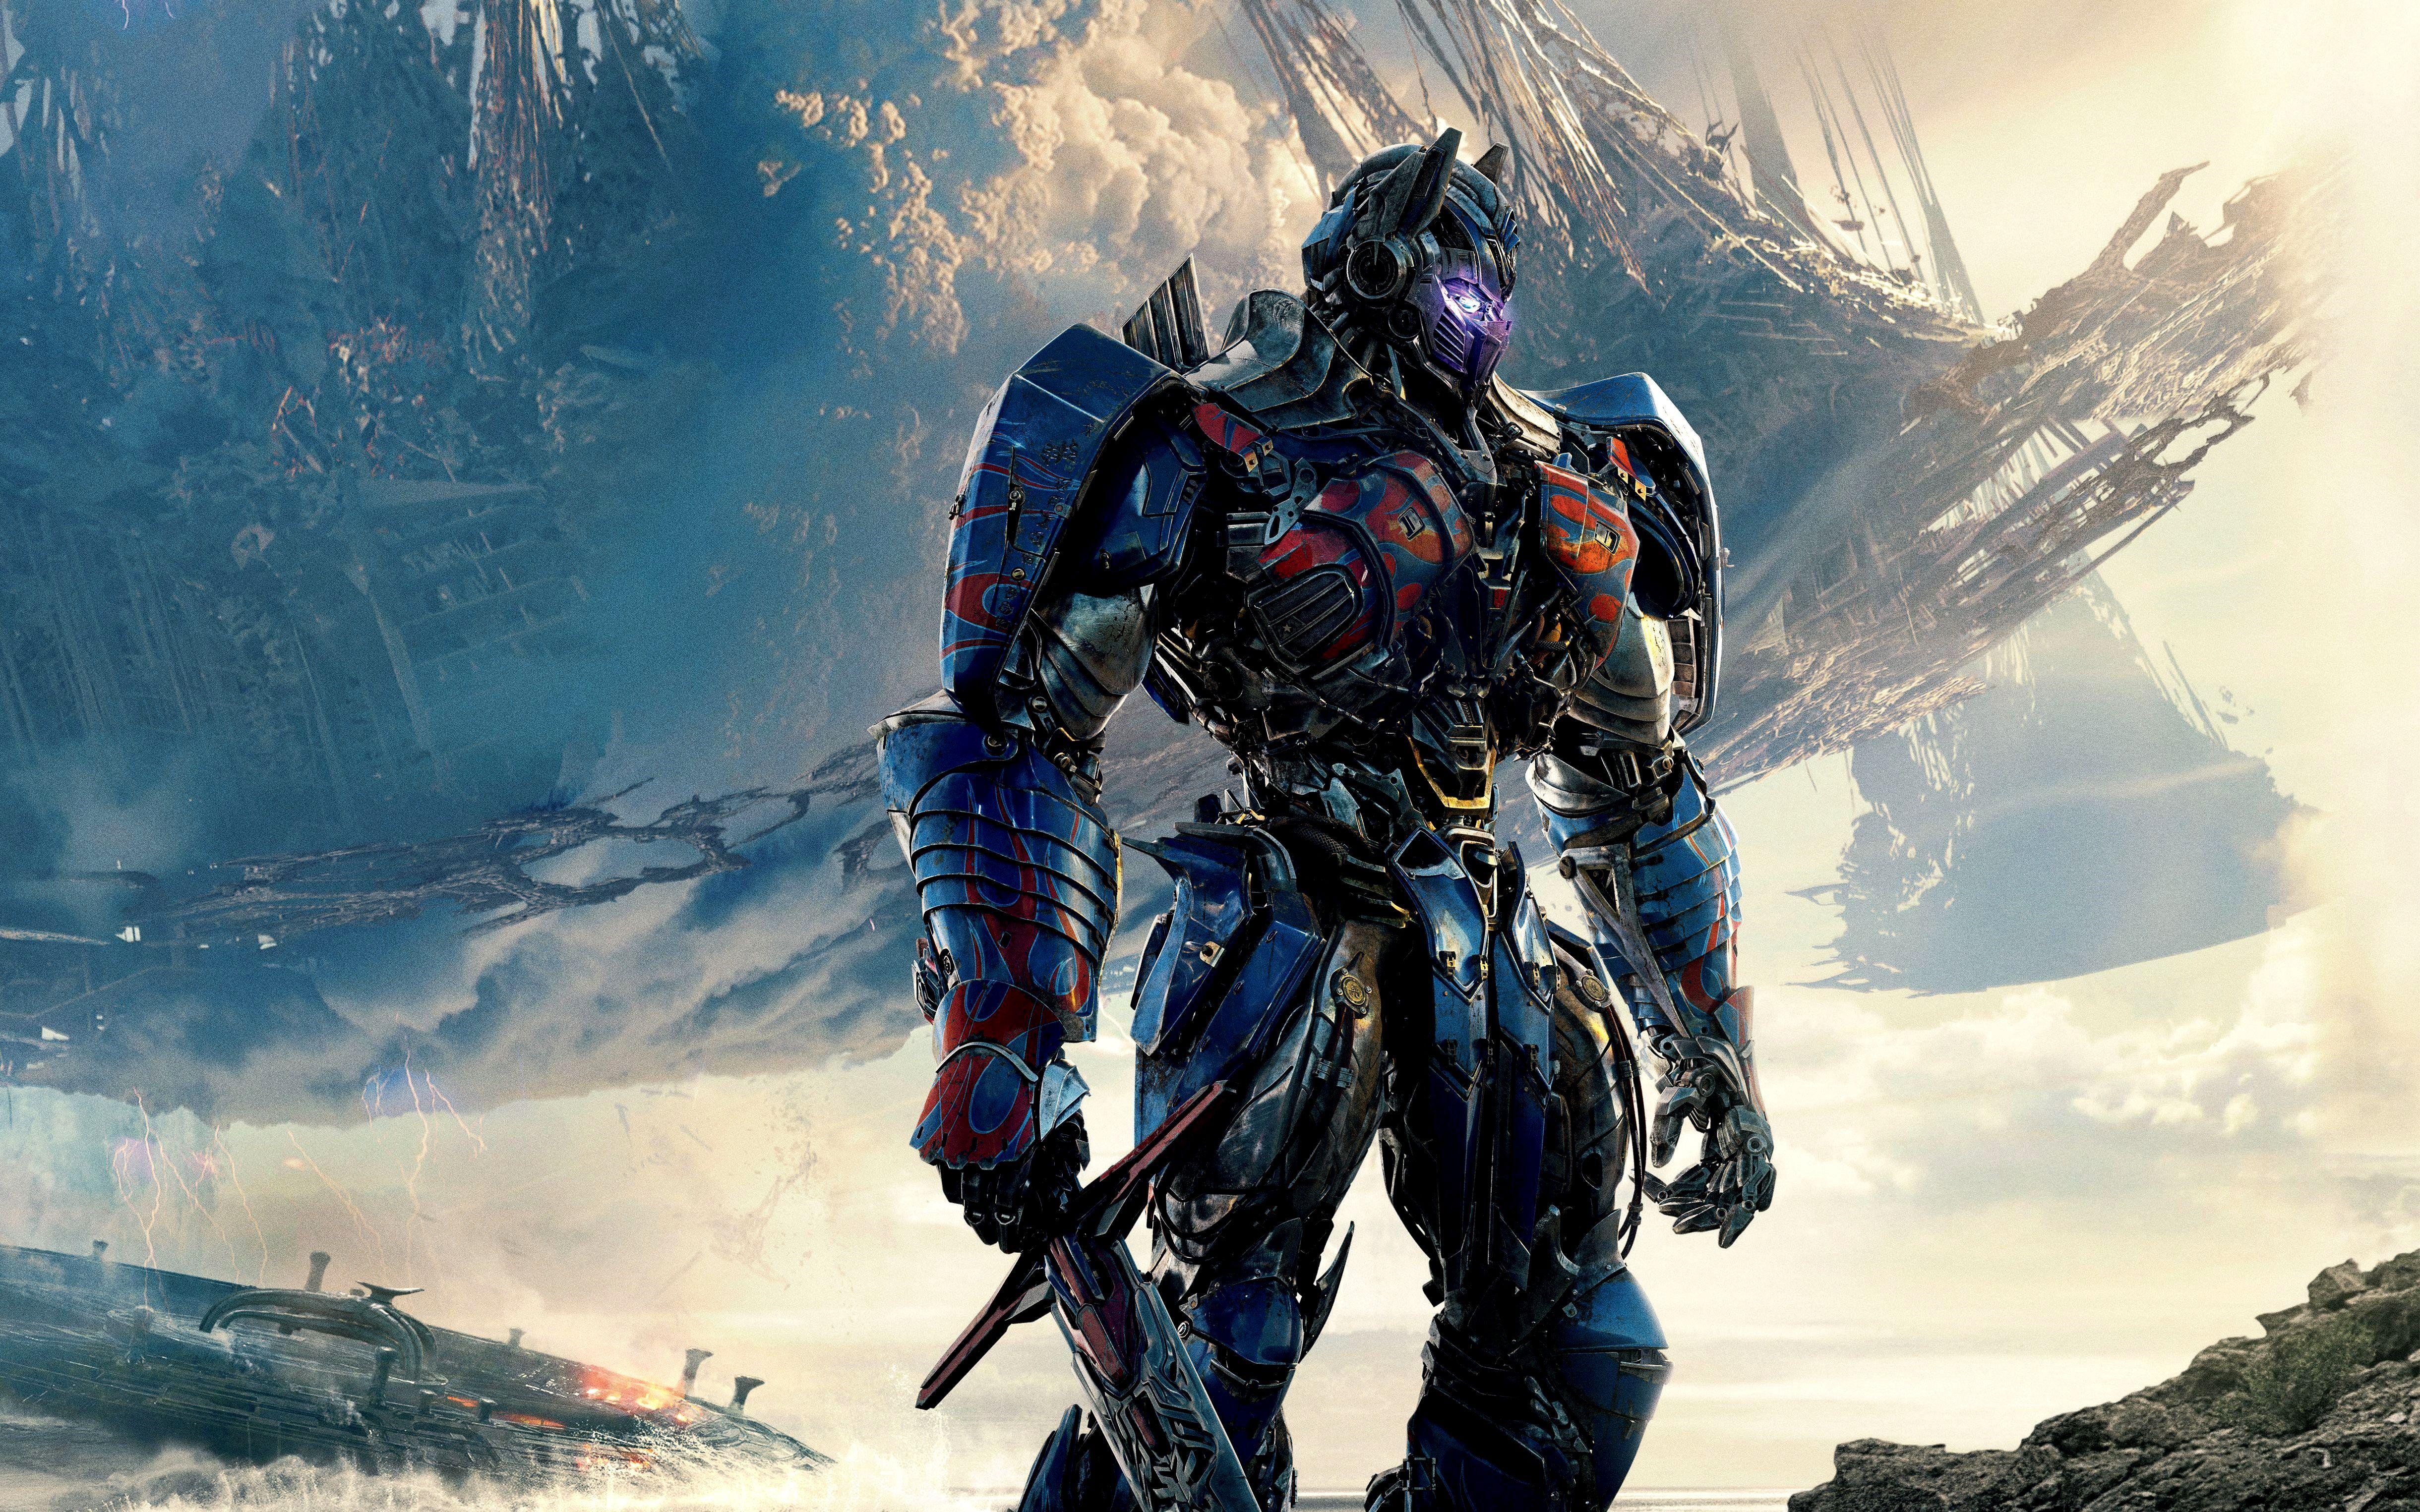 Wallpaper 4k Transformers 5 Gallery Optimus Prime Wallpaper Optimus Prime Transformers